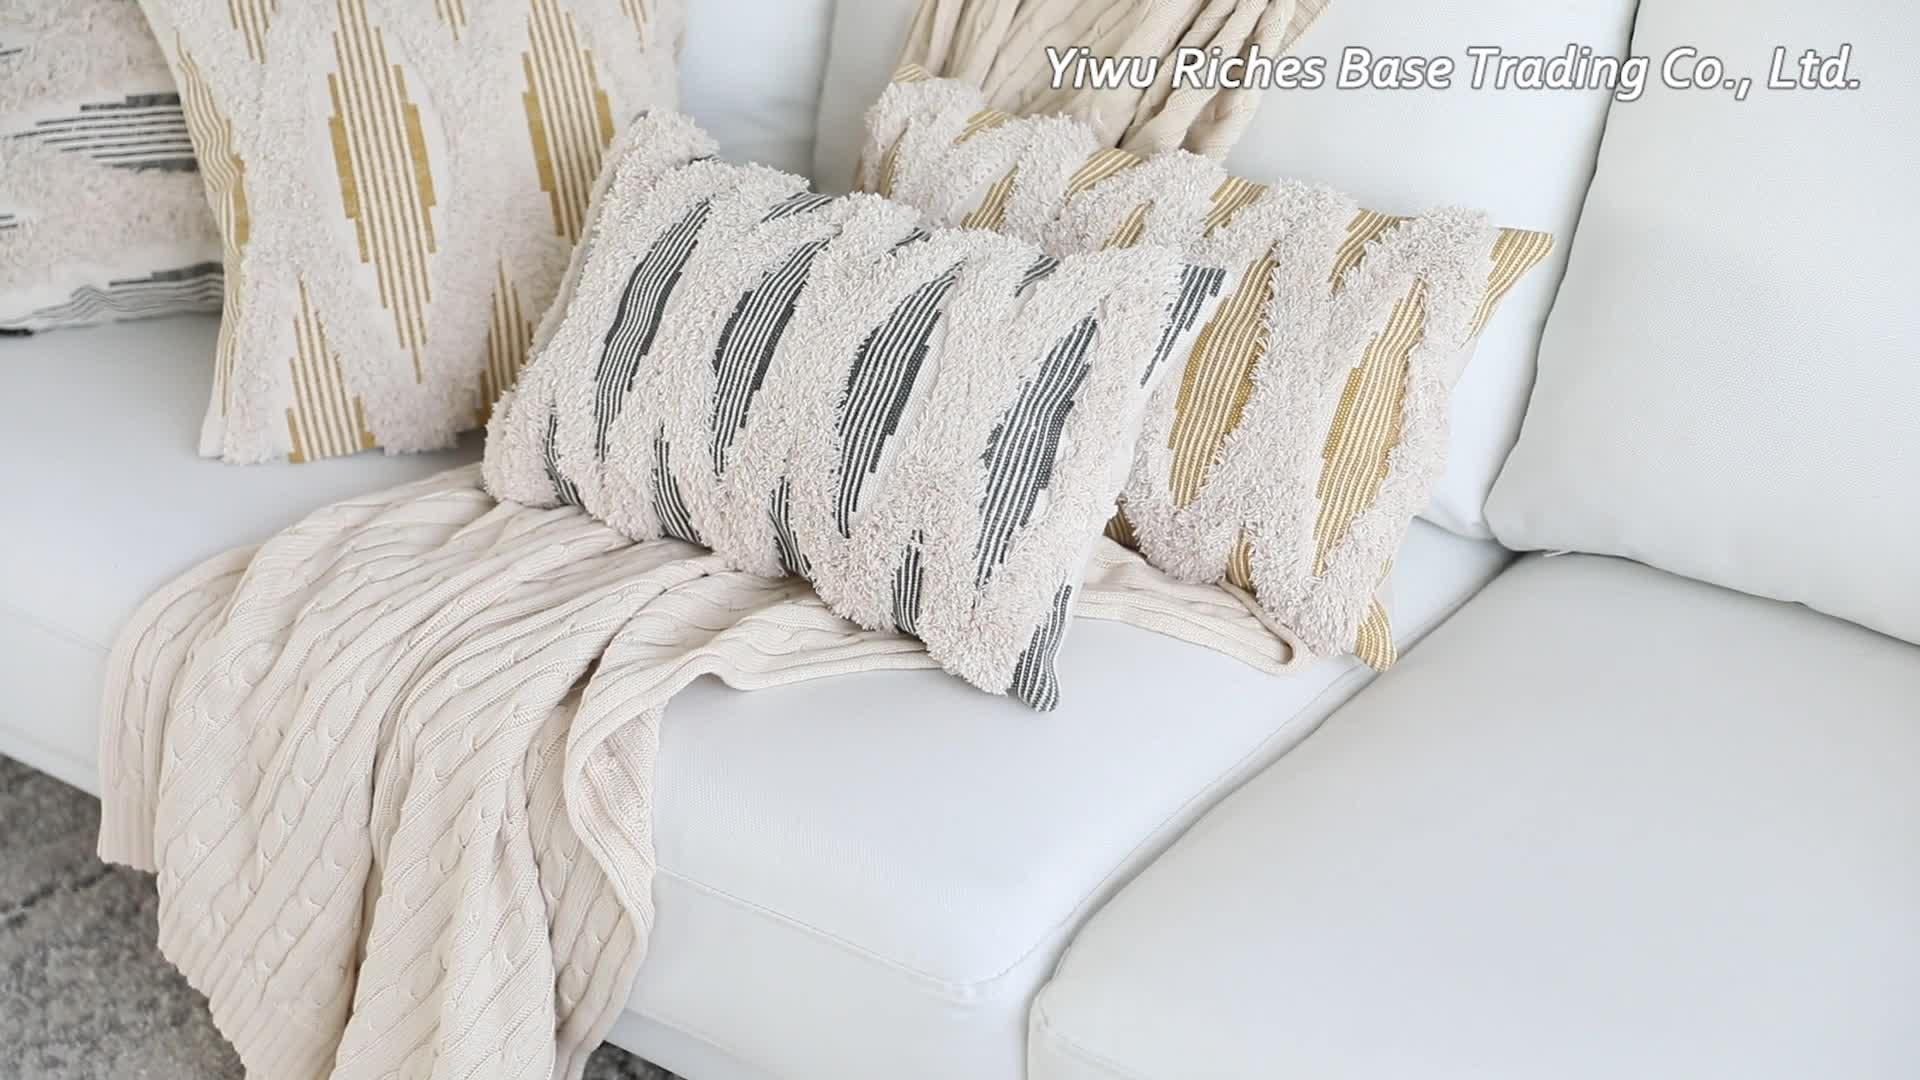 Оптовая продажа, декоративные наволочки в богемном стиле из искусственного меха для гостиной, домашний декор для дивана в стиле бохо, роскошные наволочки для подушек